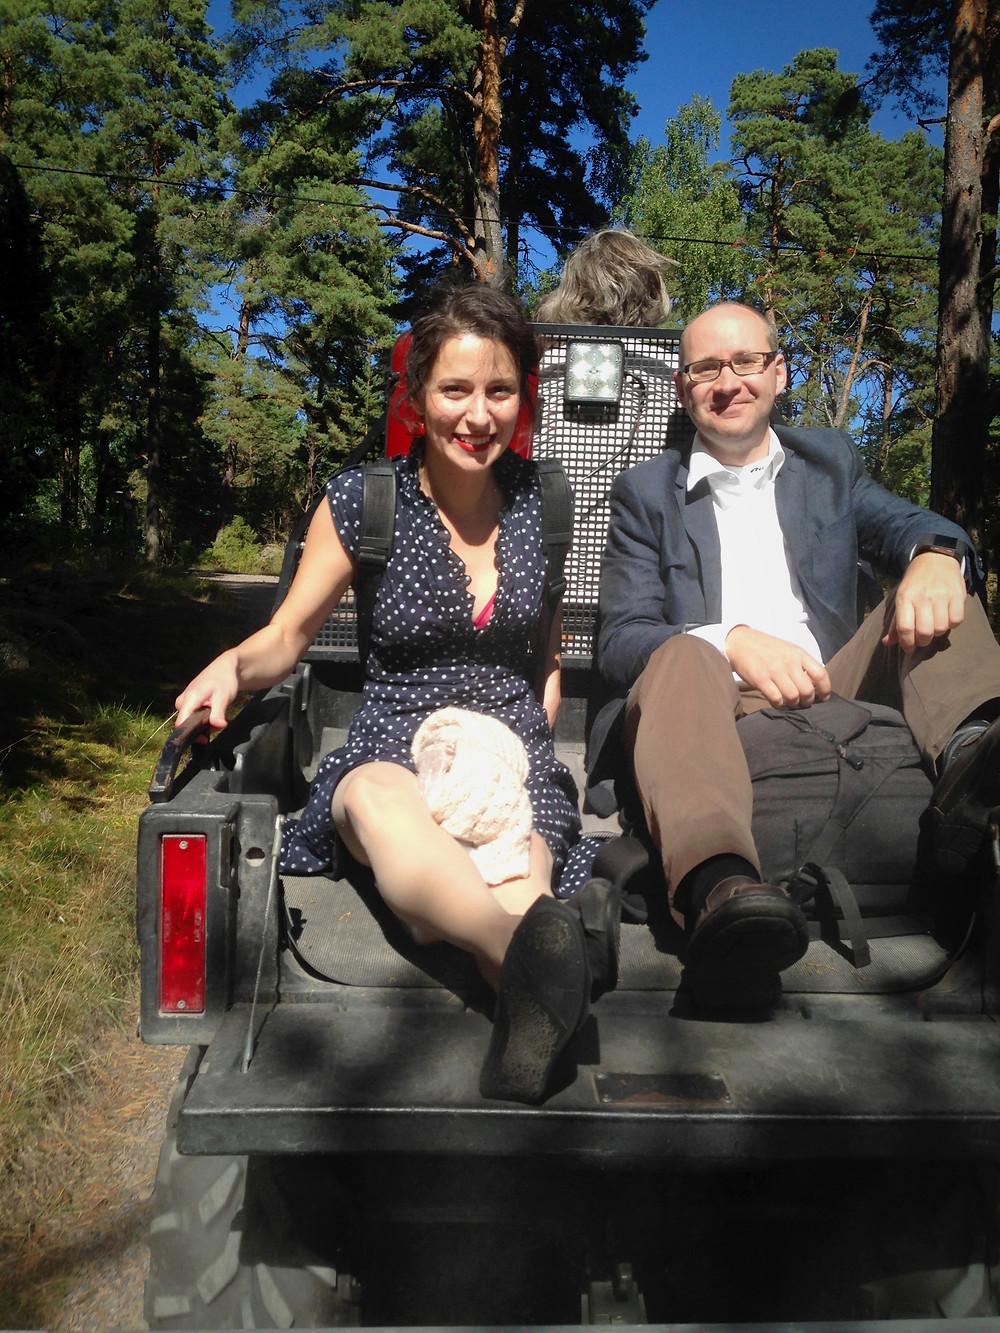 Sexhjuling med violinist, bröllopsfotograf och vigselförrättare